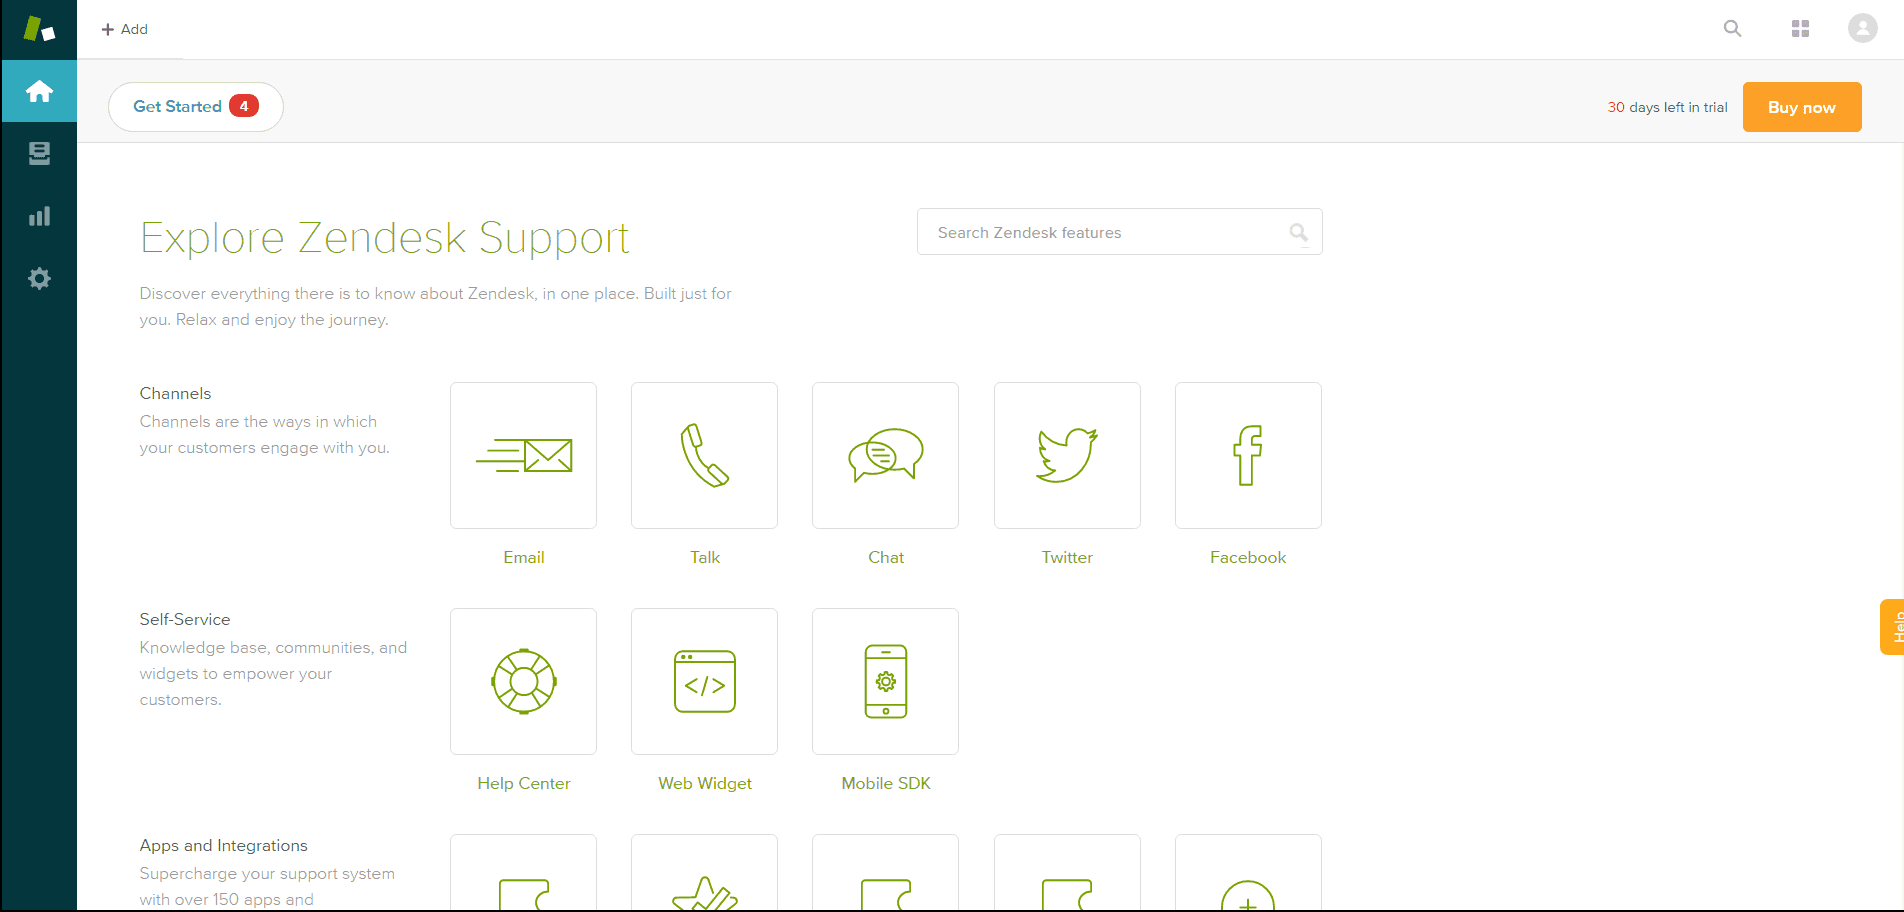 Explore Zendesk Support